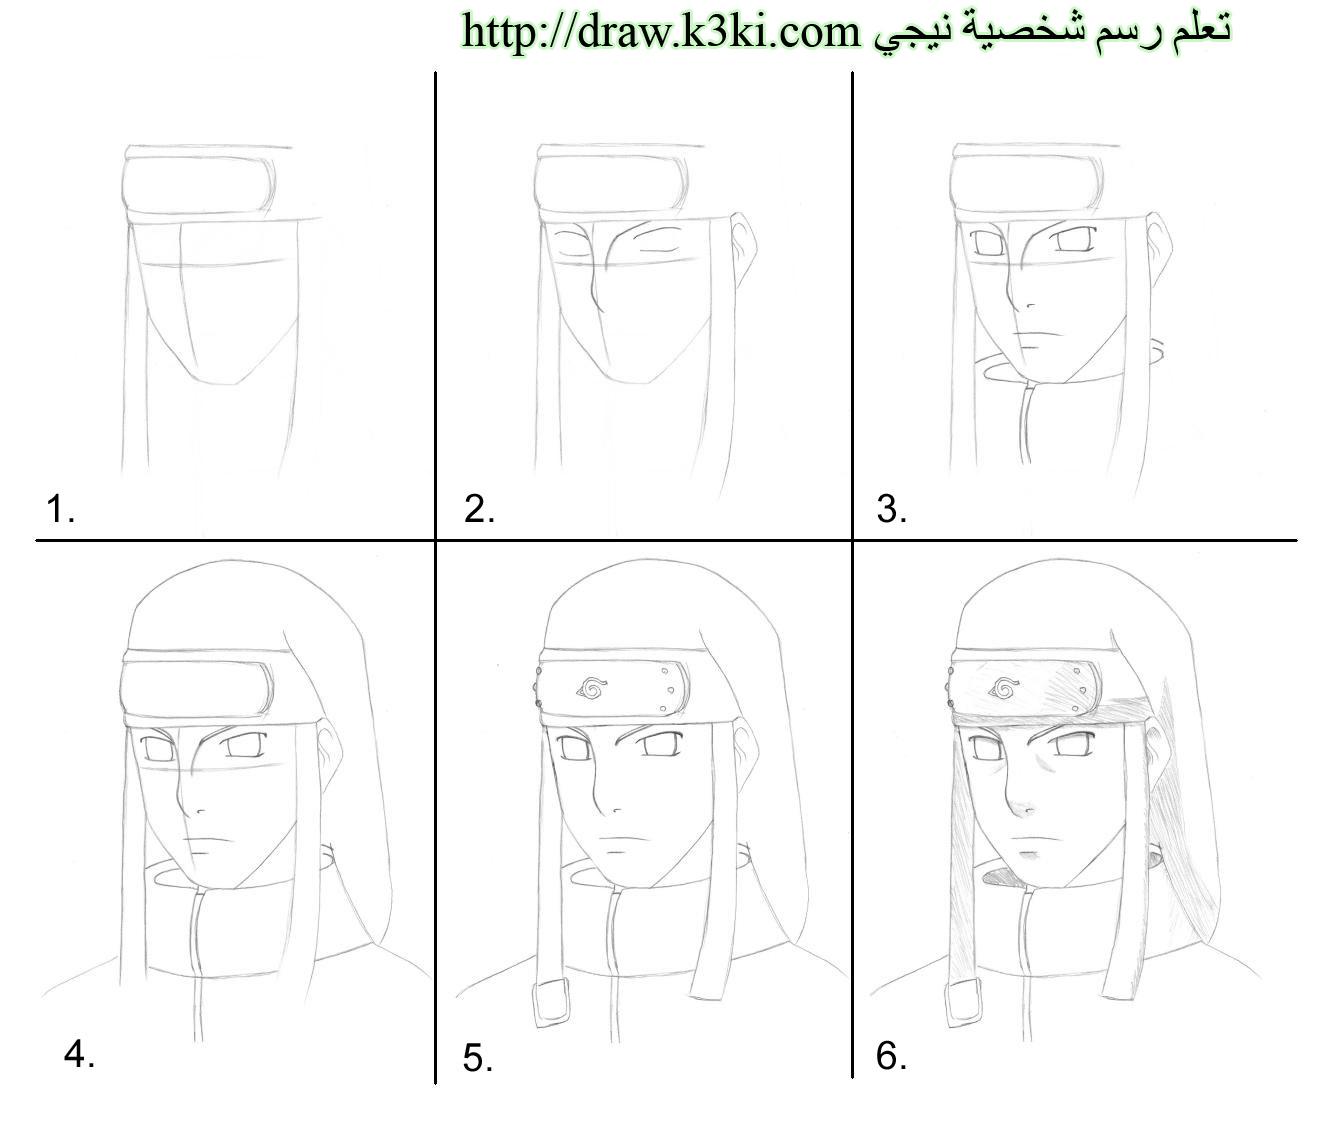 تعلم رسم 6 شخصيات انمي خطوة بخطوة تعليم الرسم تعلم الرسم